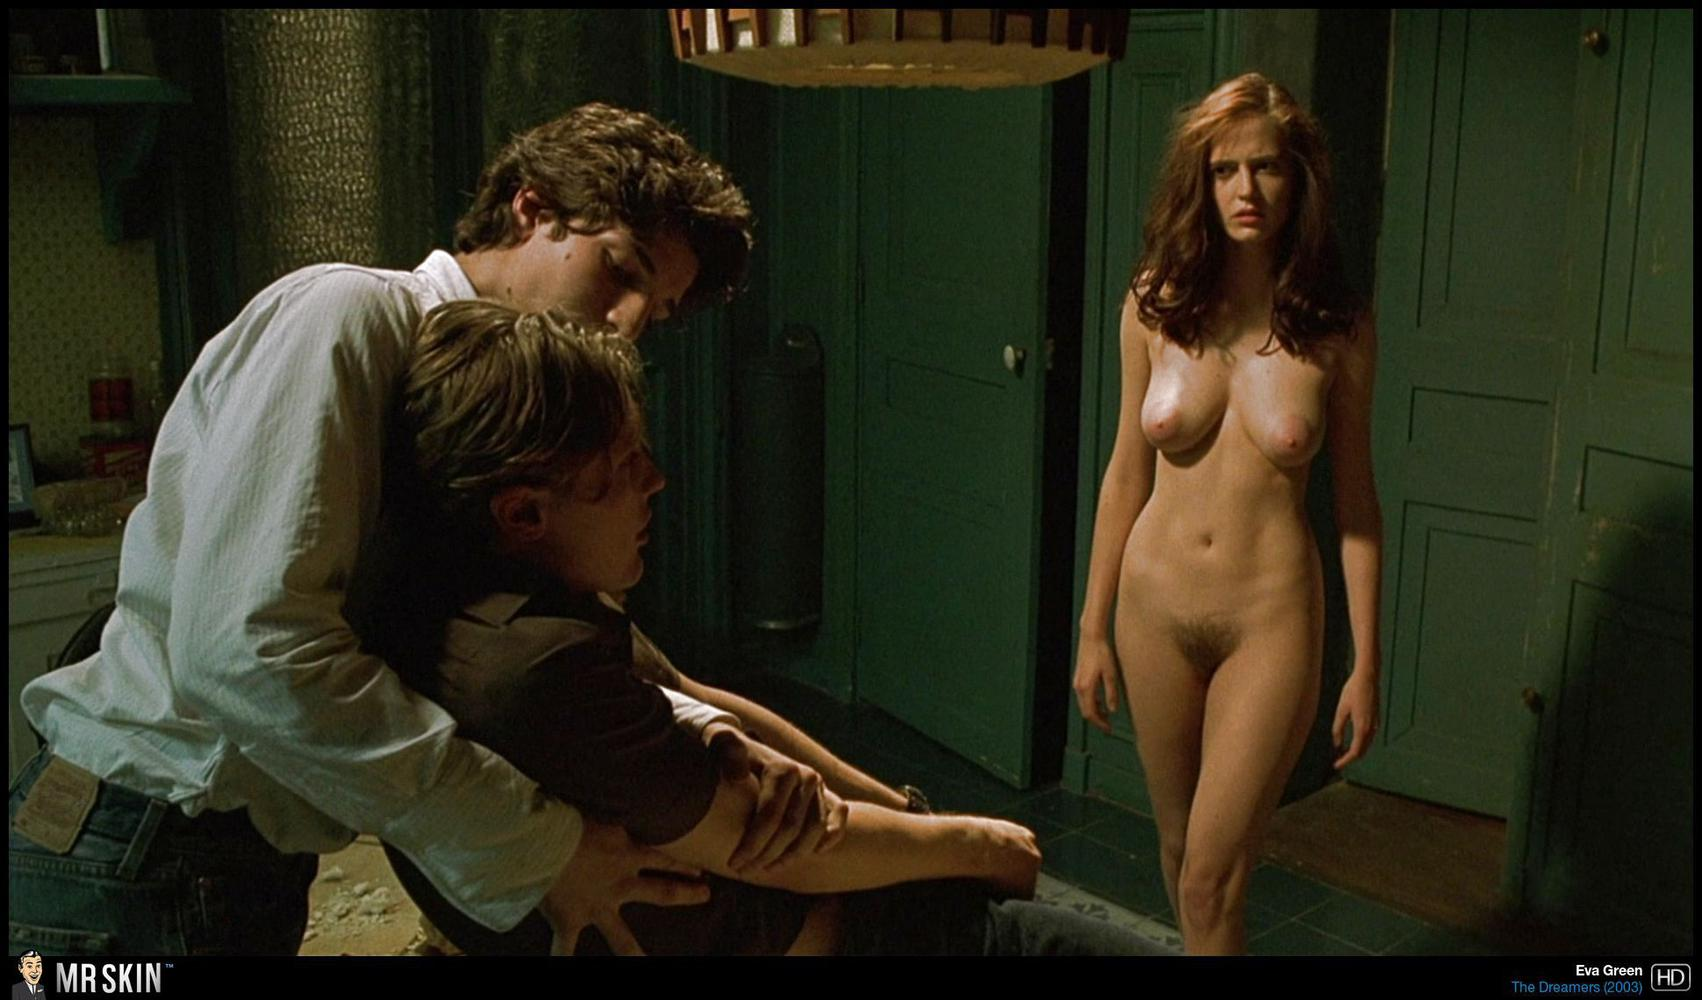 mr skin naked scene